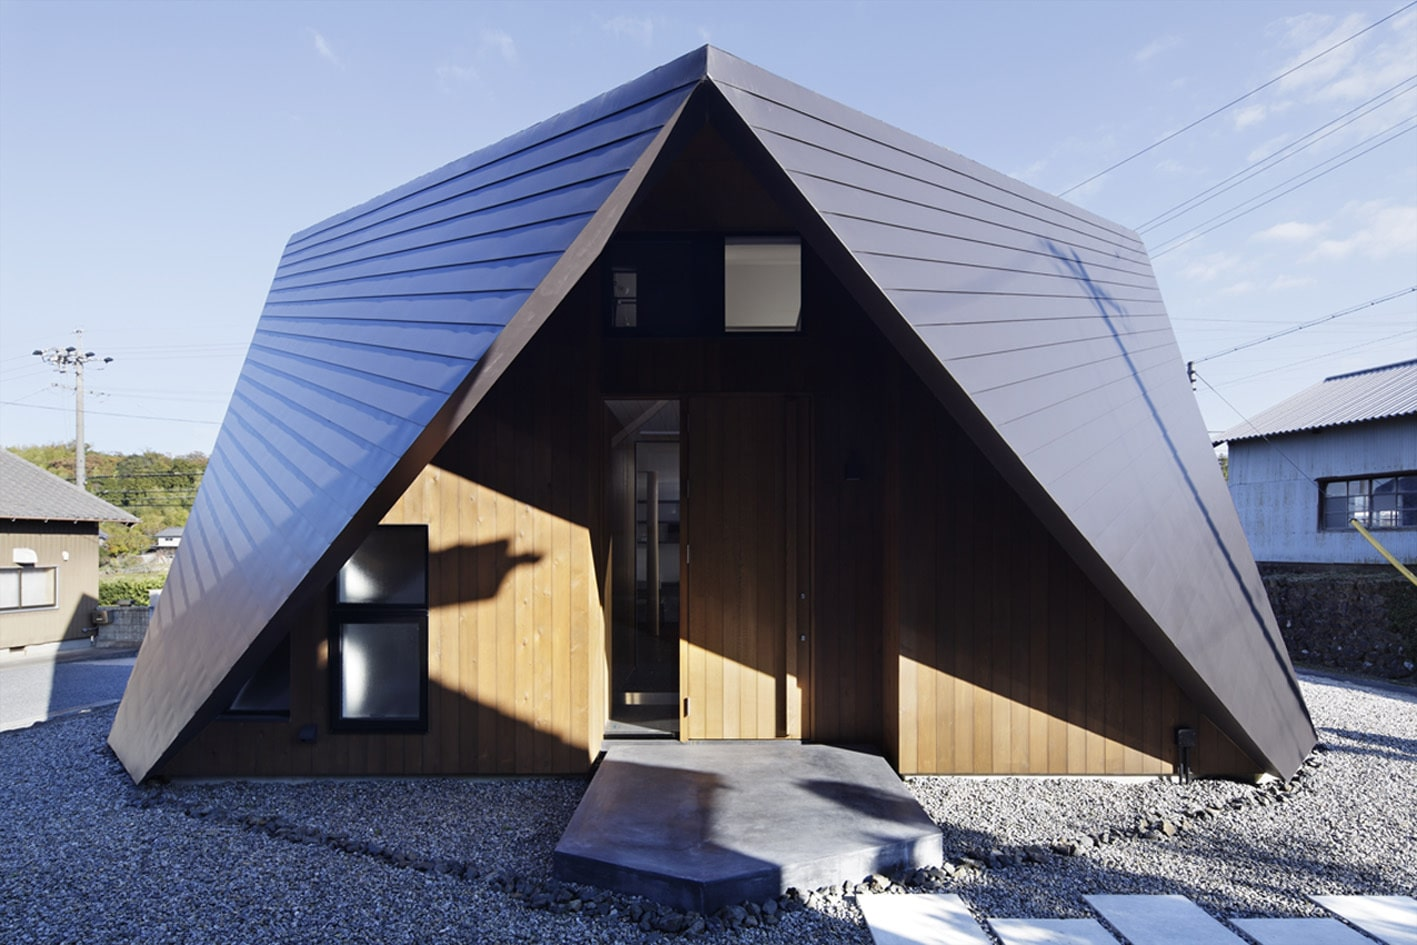 Casa de dos pisos con techo tipo origami para protecci n for Sobretechos para casas